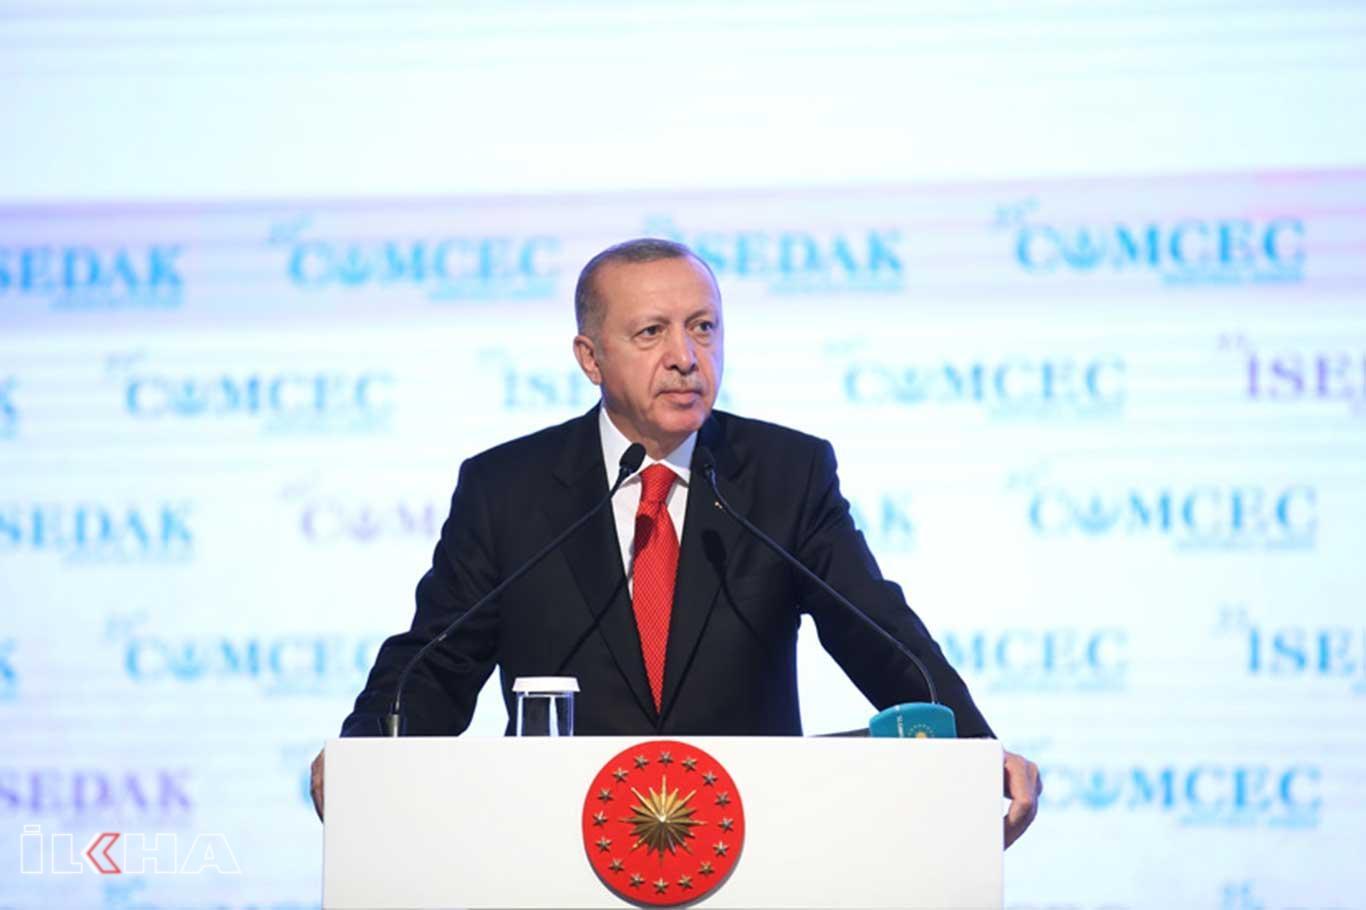 Cumhurbaşkanı Erdoğan: israil bölgeyle beraber tüm dünyanın geleceğini tehlikeye atıyor